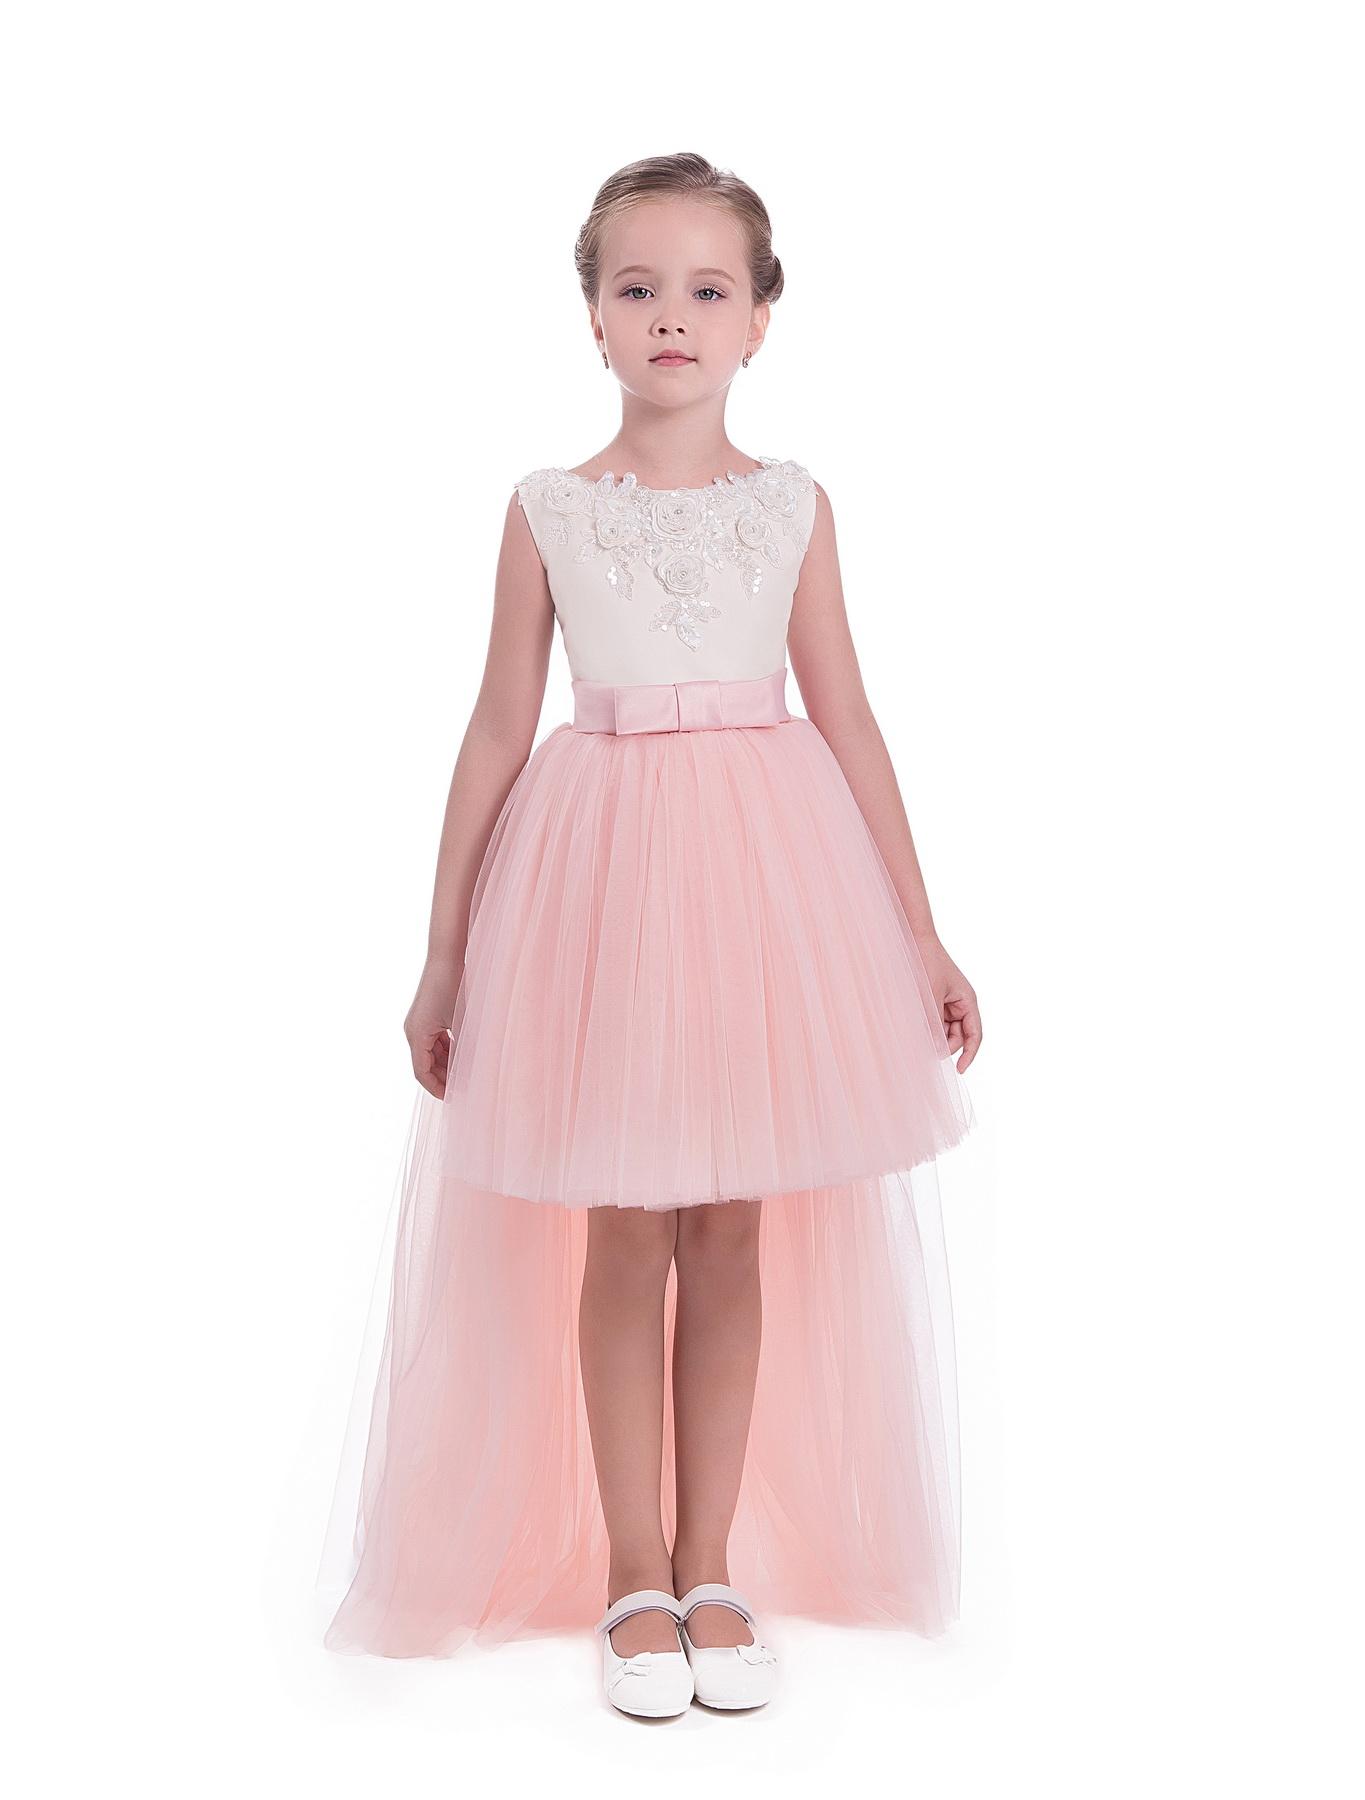 بالصور فساتين سواريه اطفال , تالقي طفلتك بفساتين السواريه 6592 2